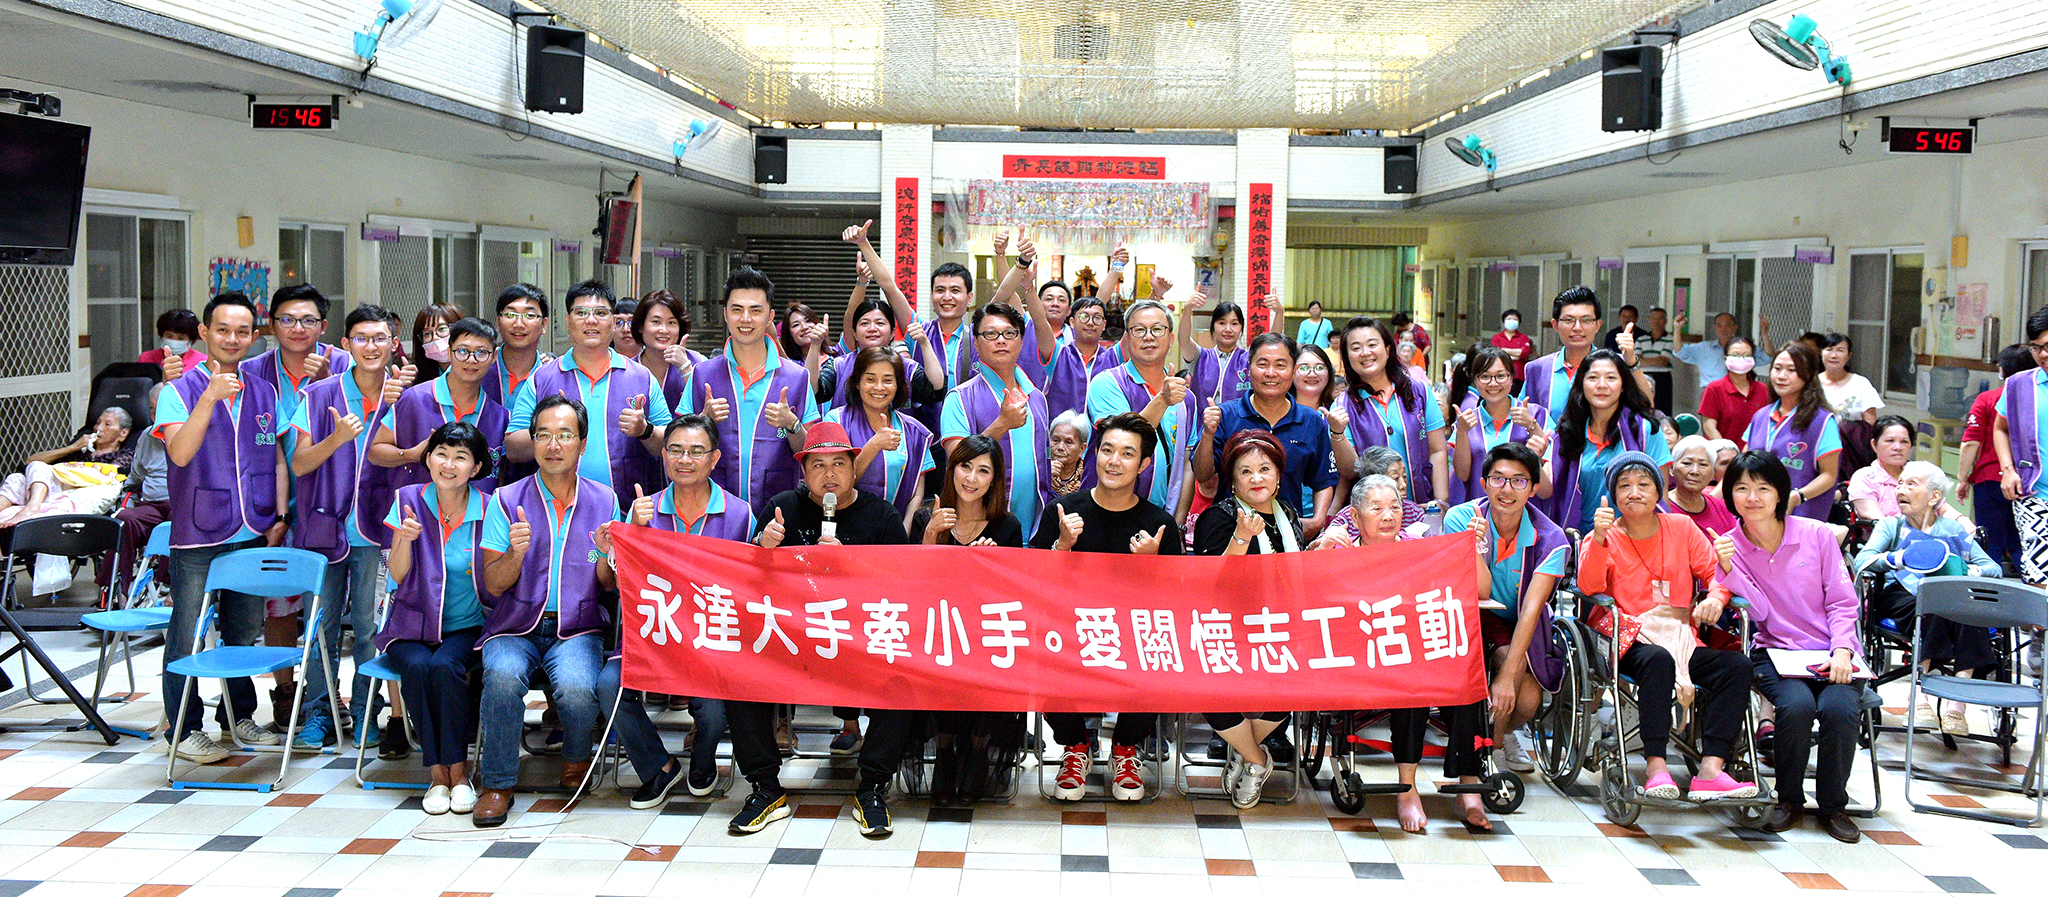 永達李世傑副總(前排左三起)帶領團隊志工與當天表演藝人—黑面、高瑞屏、余政鴻、施心慧一同合影。